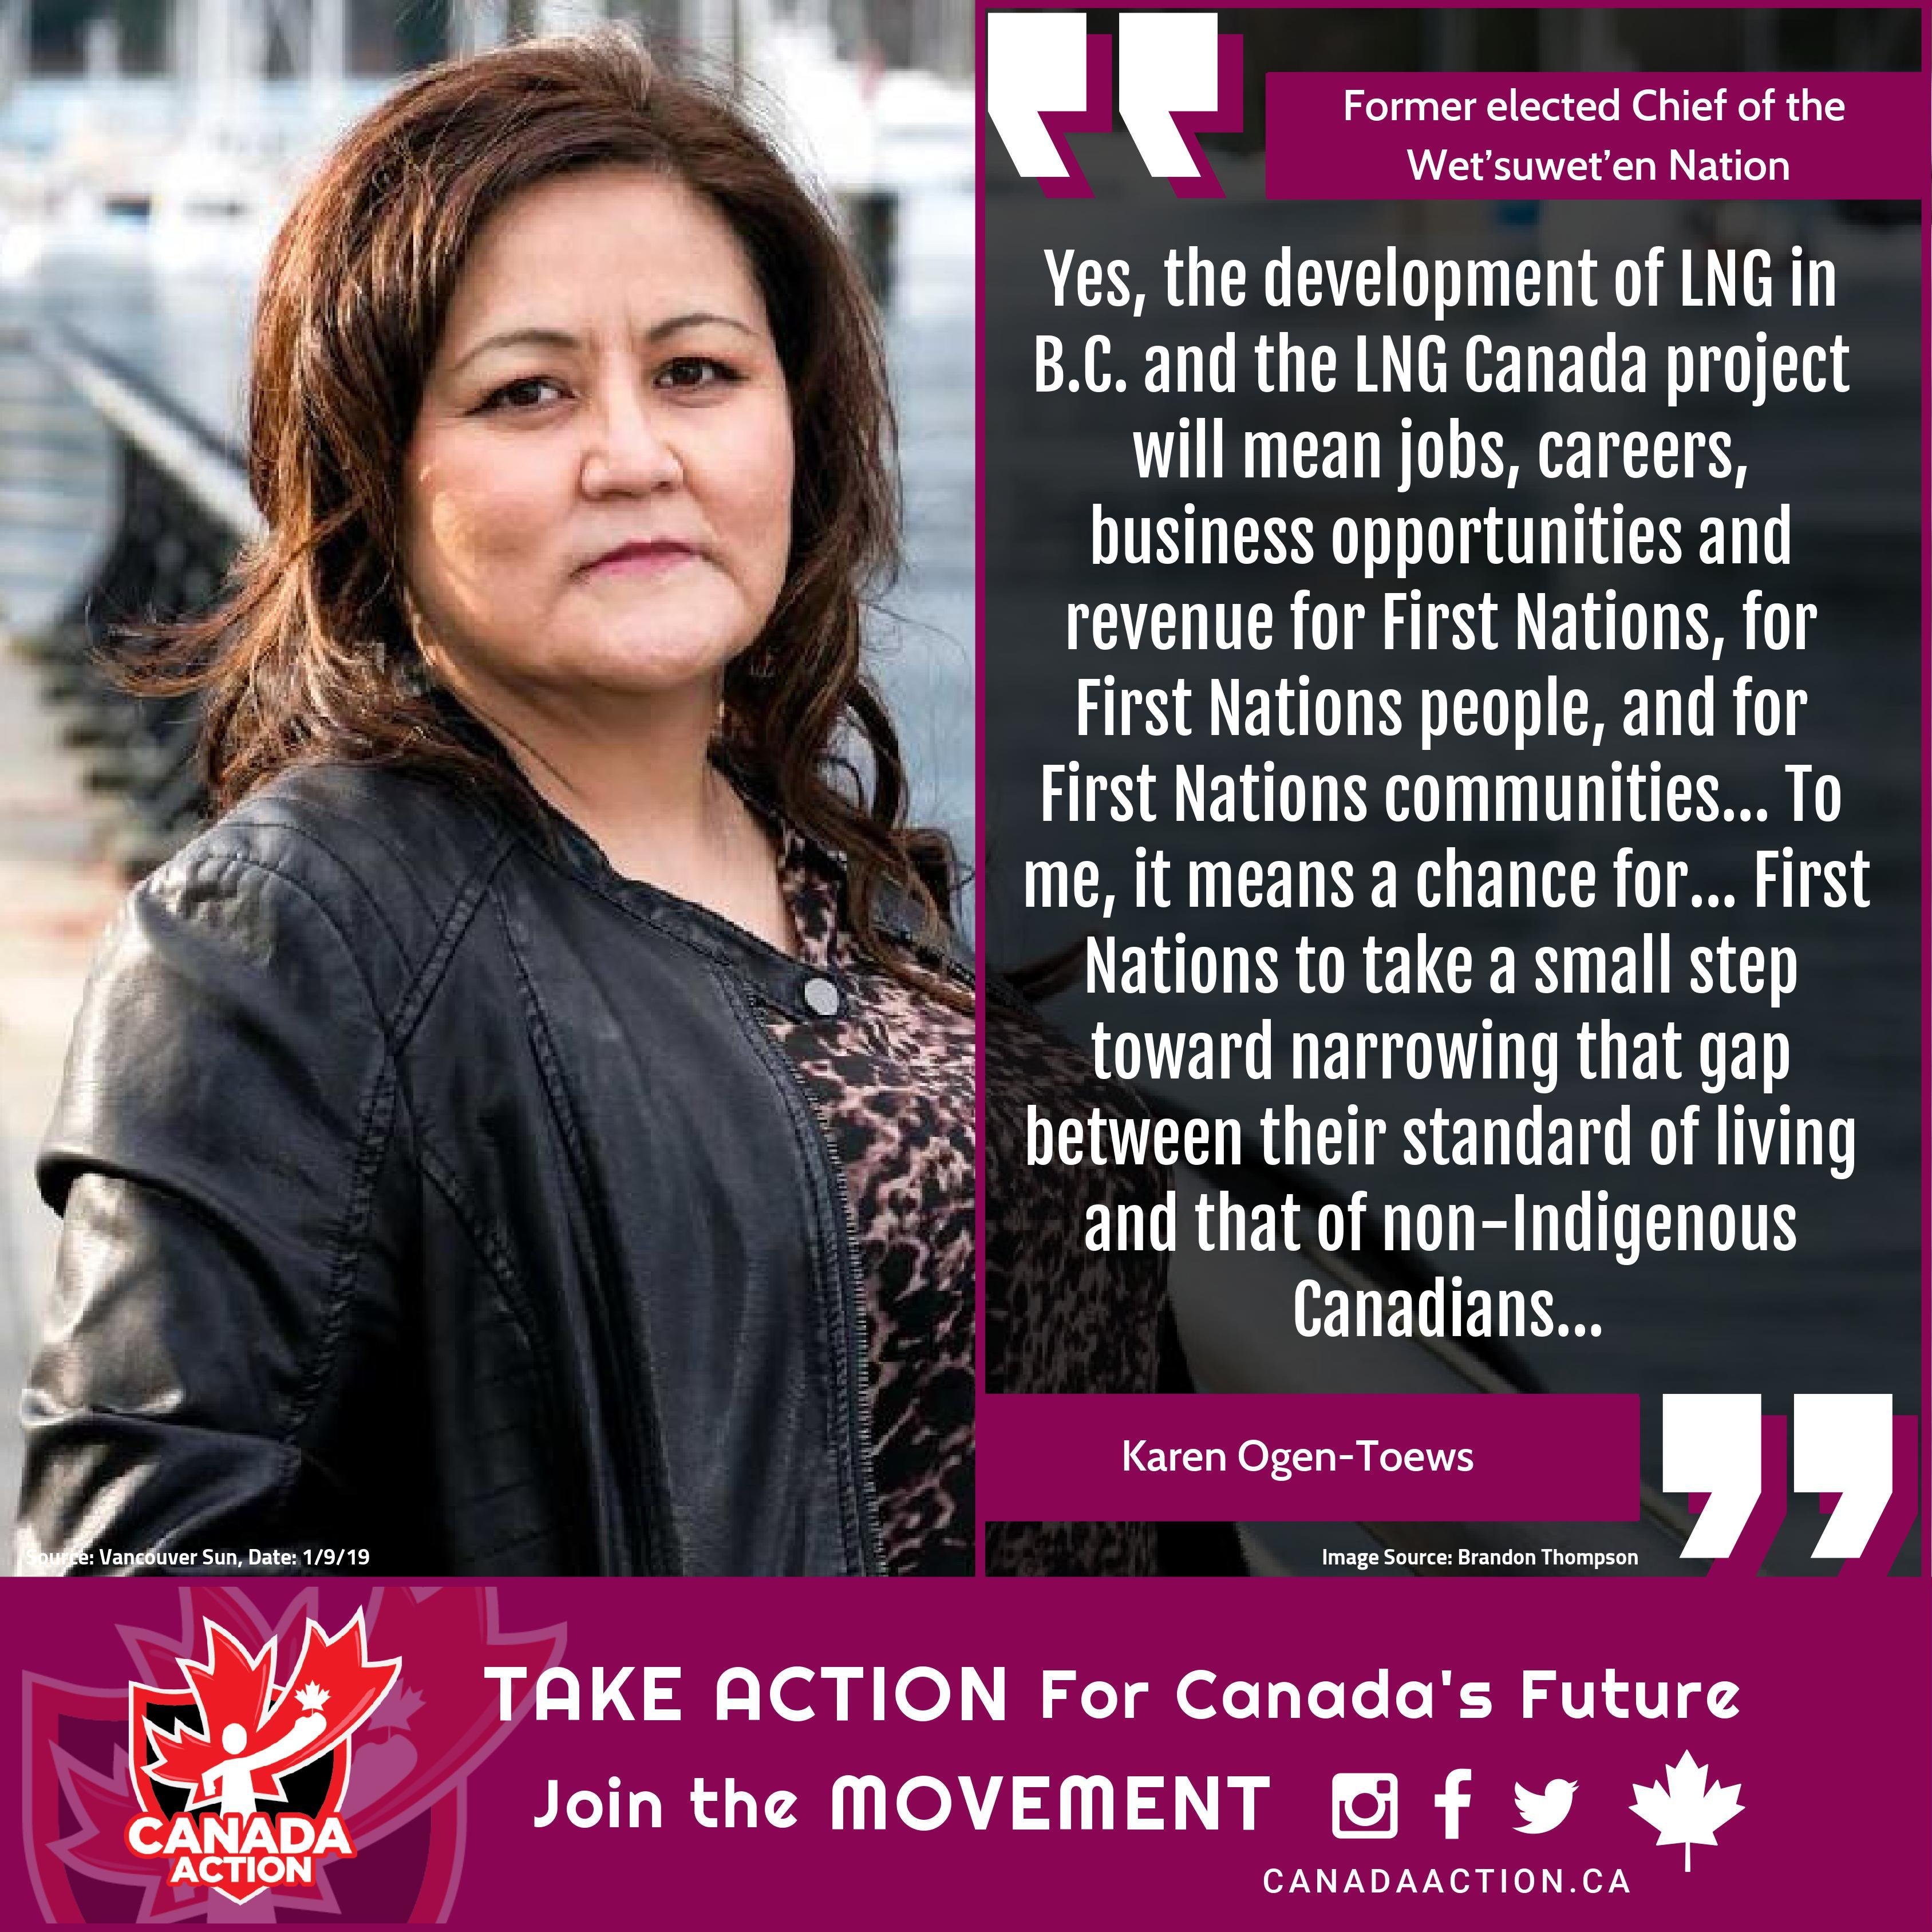 Karen Ogen-Toews Supports BC LNG